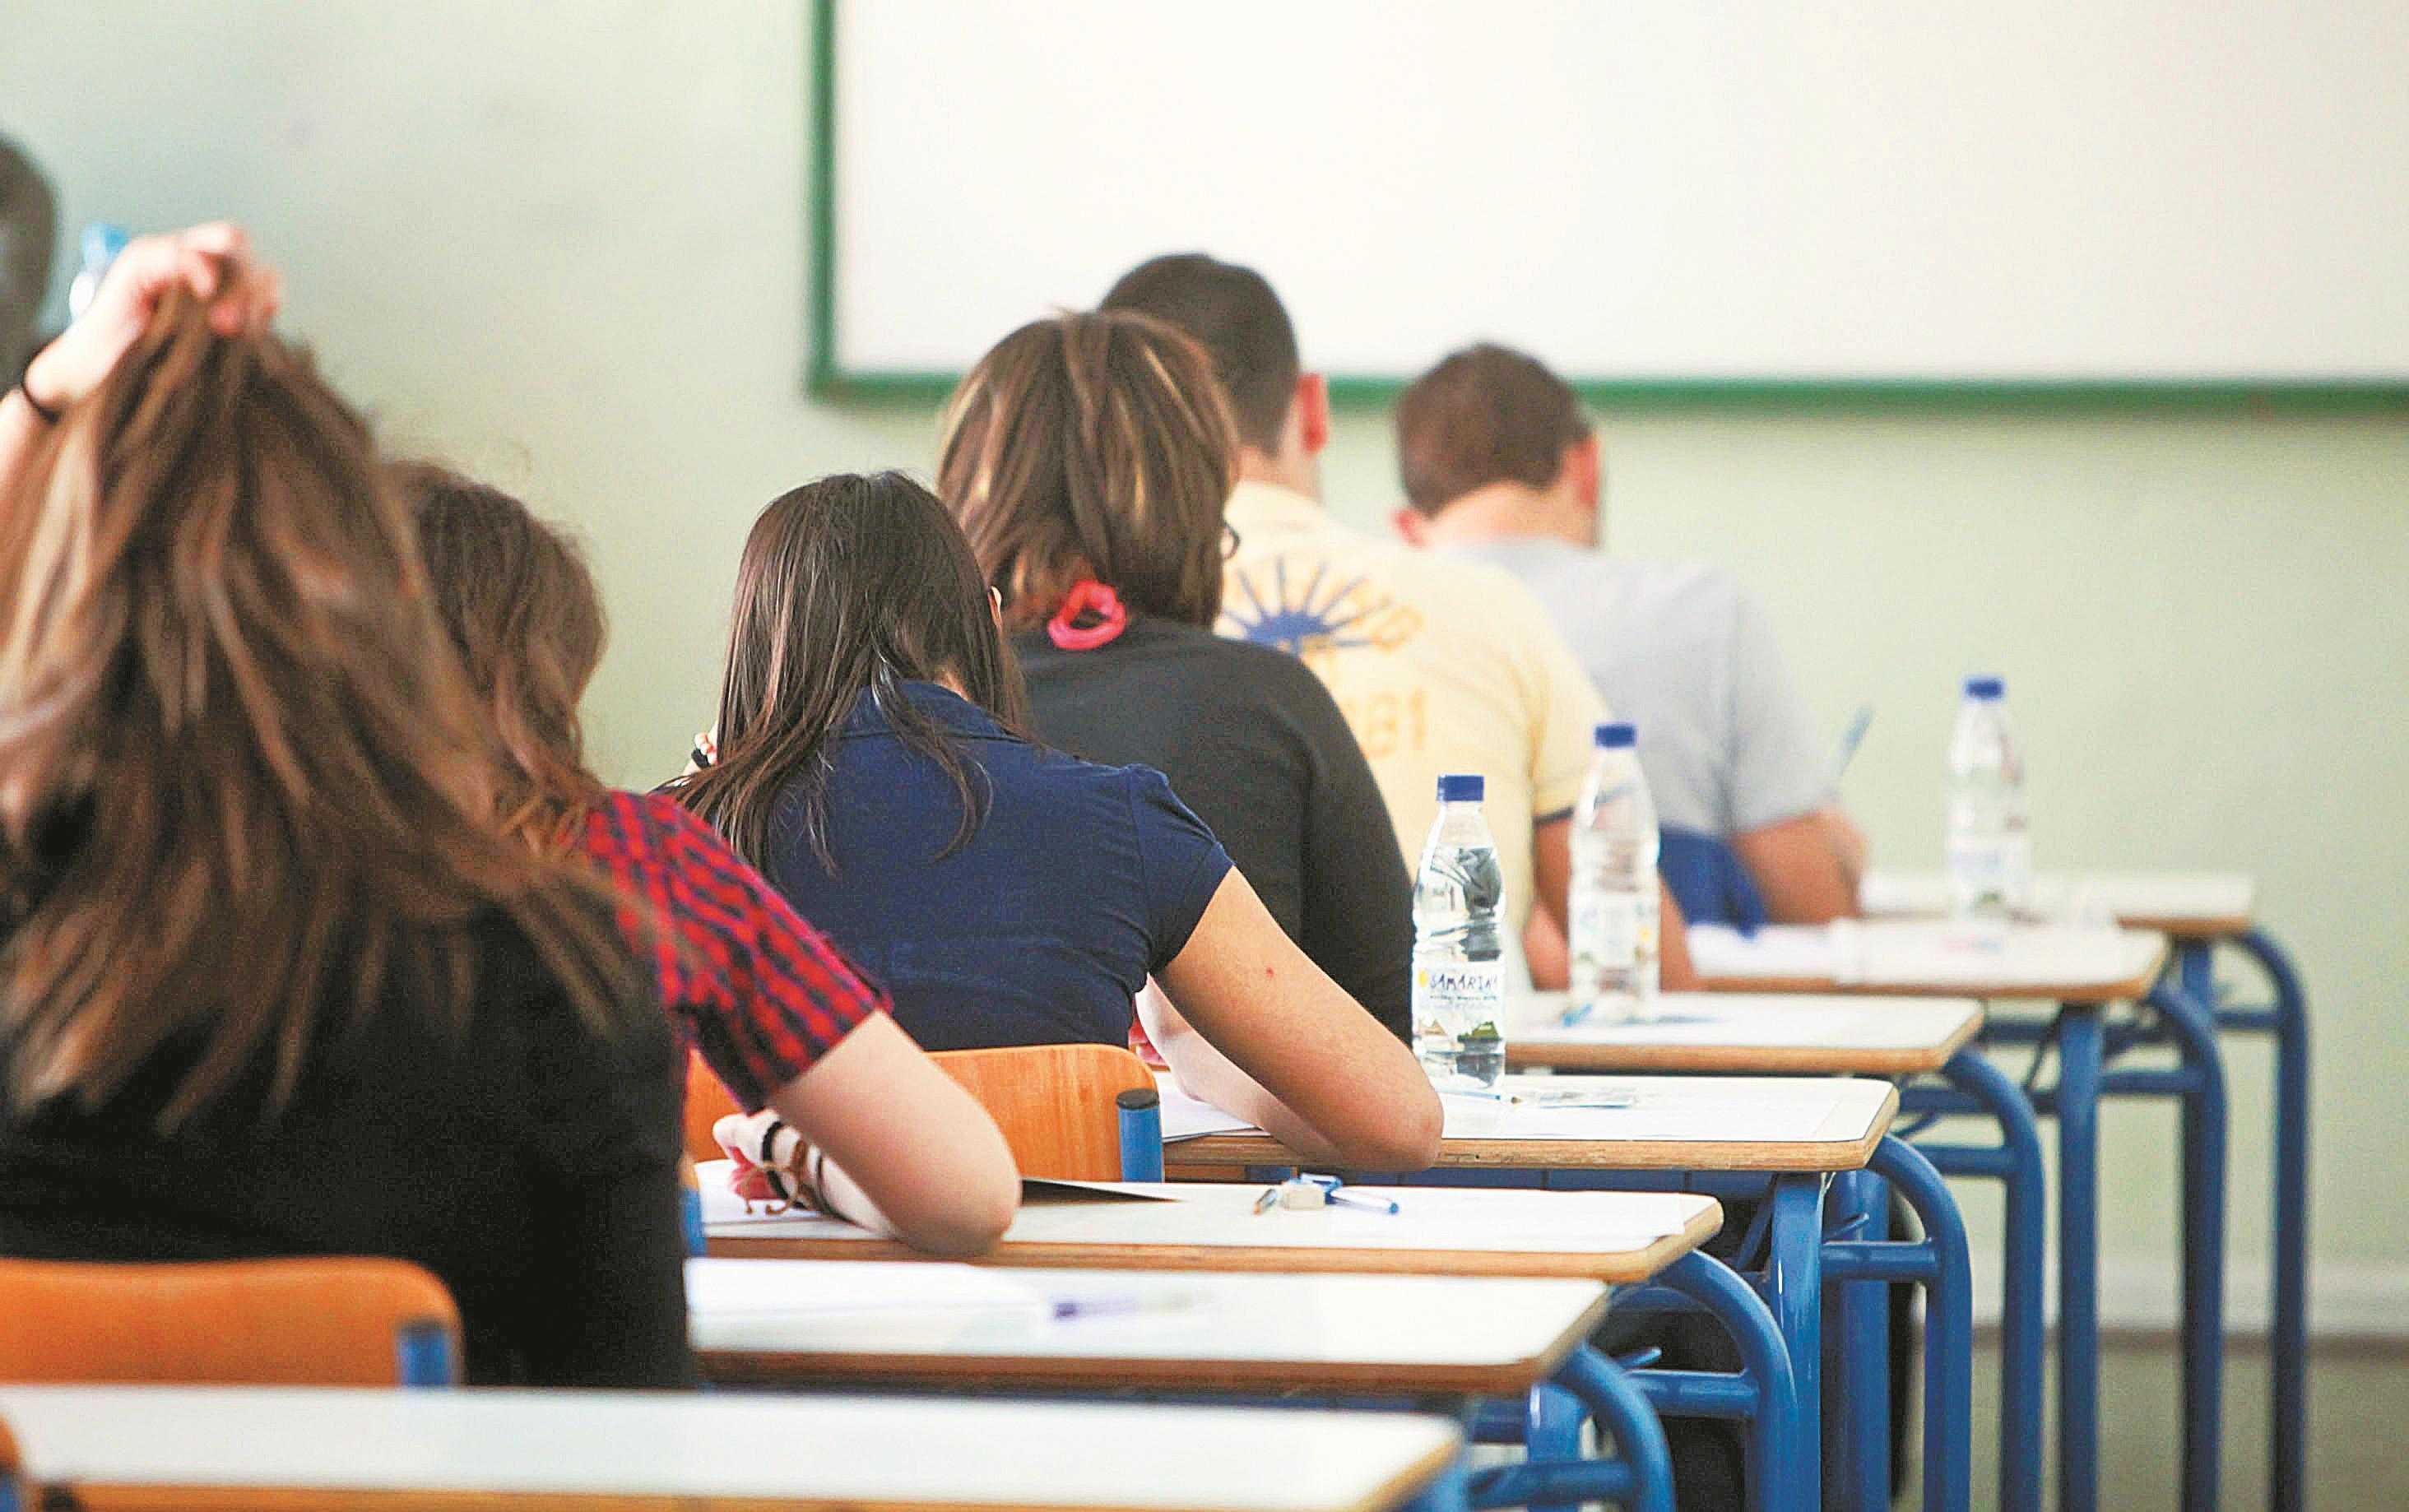 Студентки веселятся после экзамена, Студентки после экзамена » Порно видео онлайн 5 фотография